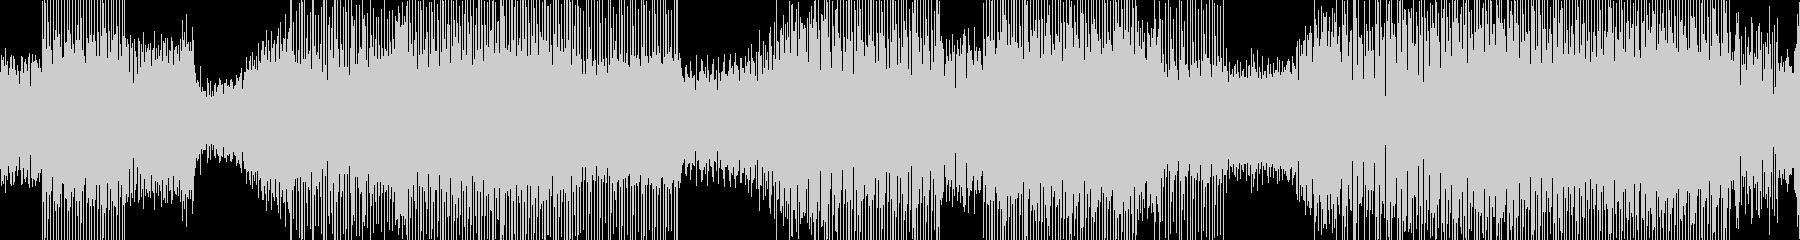 シンセサイザーが印象的な近未来サウンドの未再生の波形